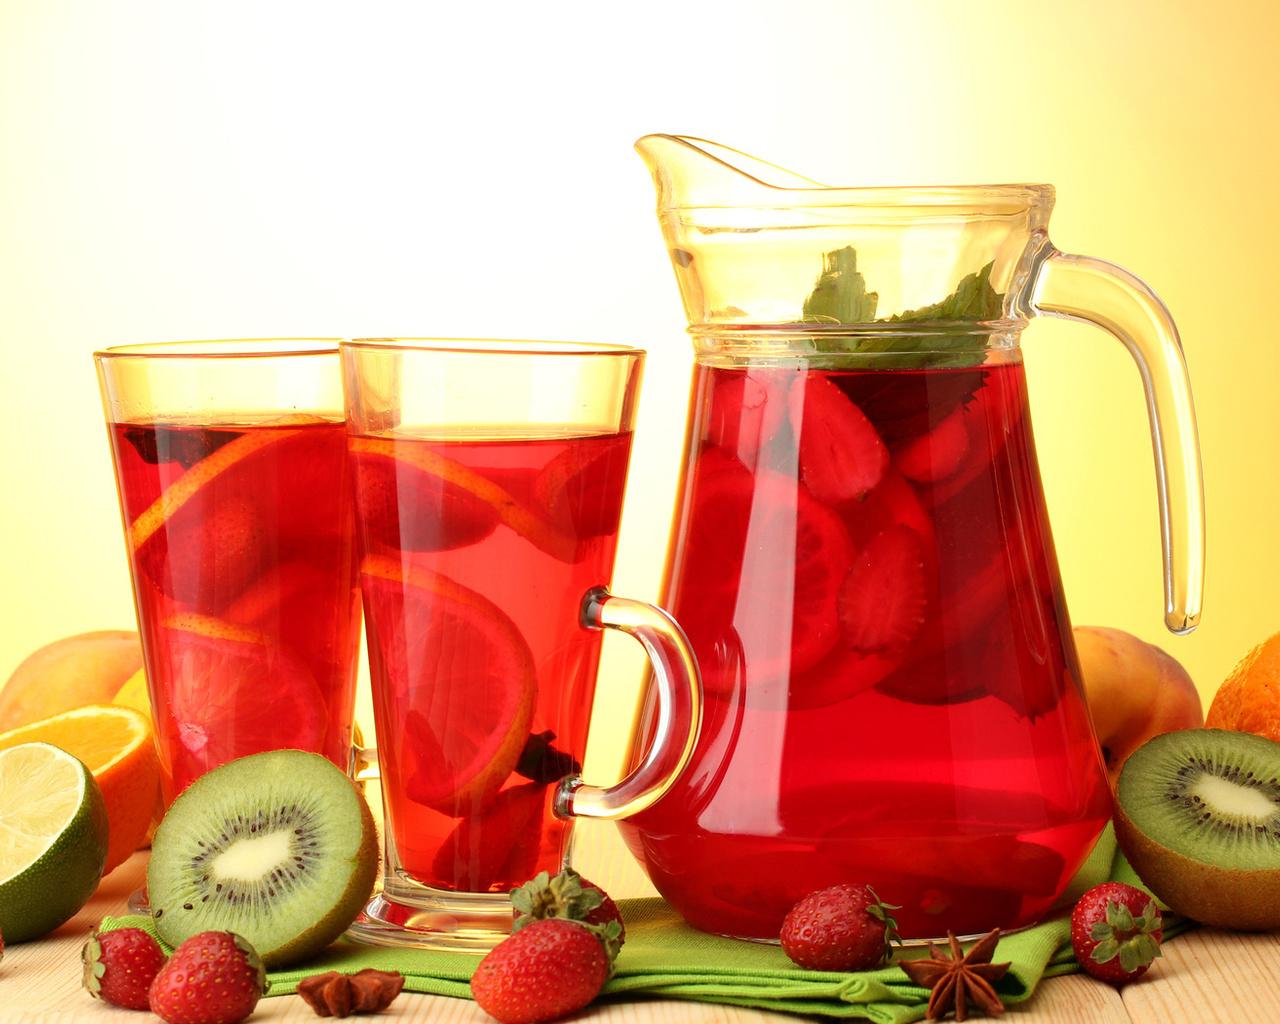 картинки с напитками и едой чай кофе соки компоты развиваются